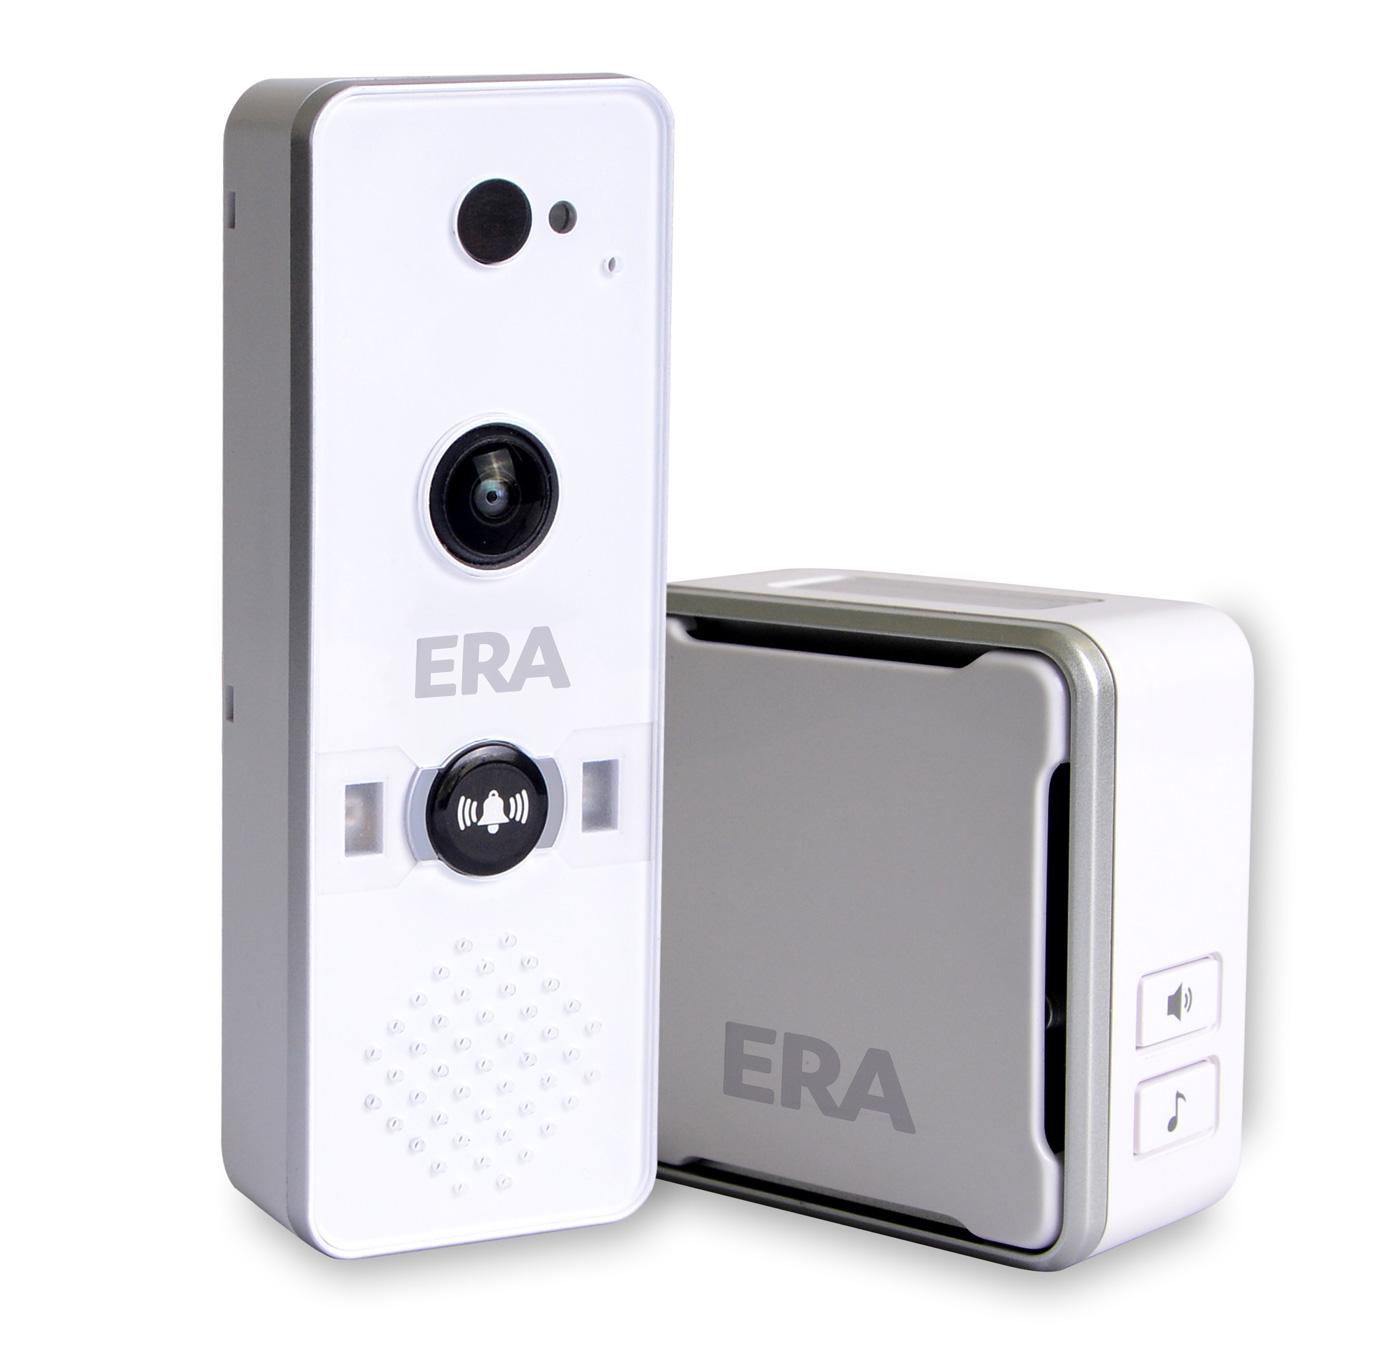 ERA DoorCam Smart Home WiFi Video Doorbell  sc 1 st  ERA Home Security & Smart Doorbell \u0026 WiFi Video | Video Doorbell UK Online | ERA Home ...